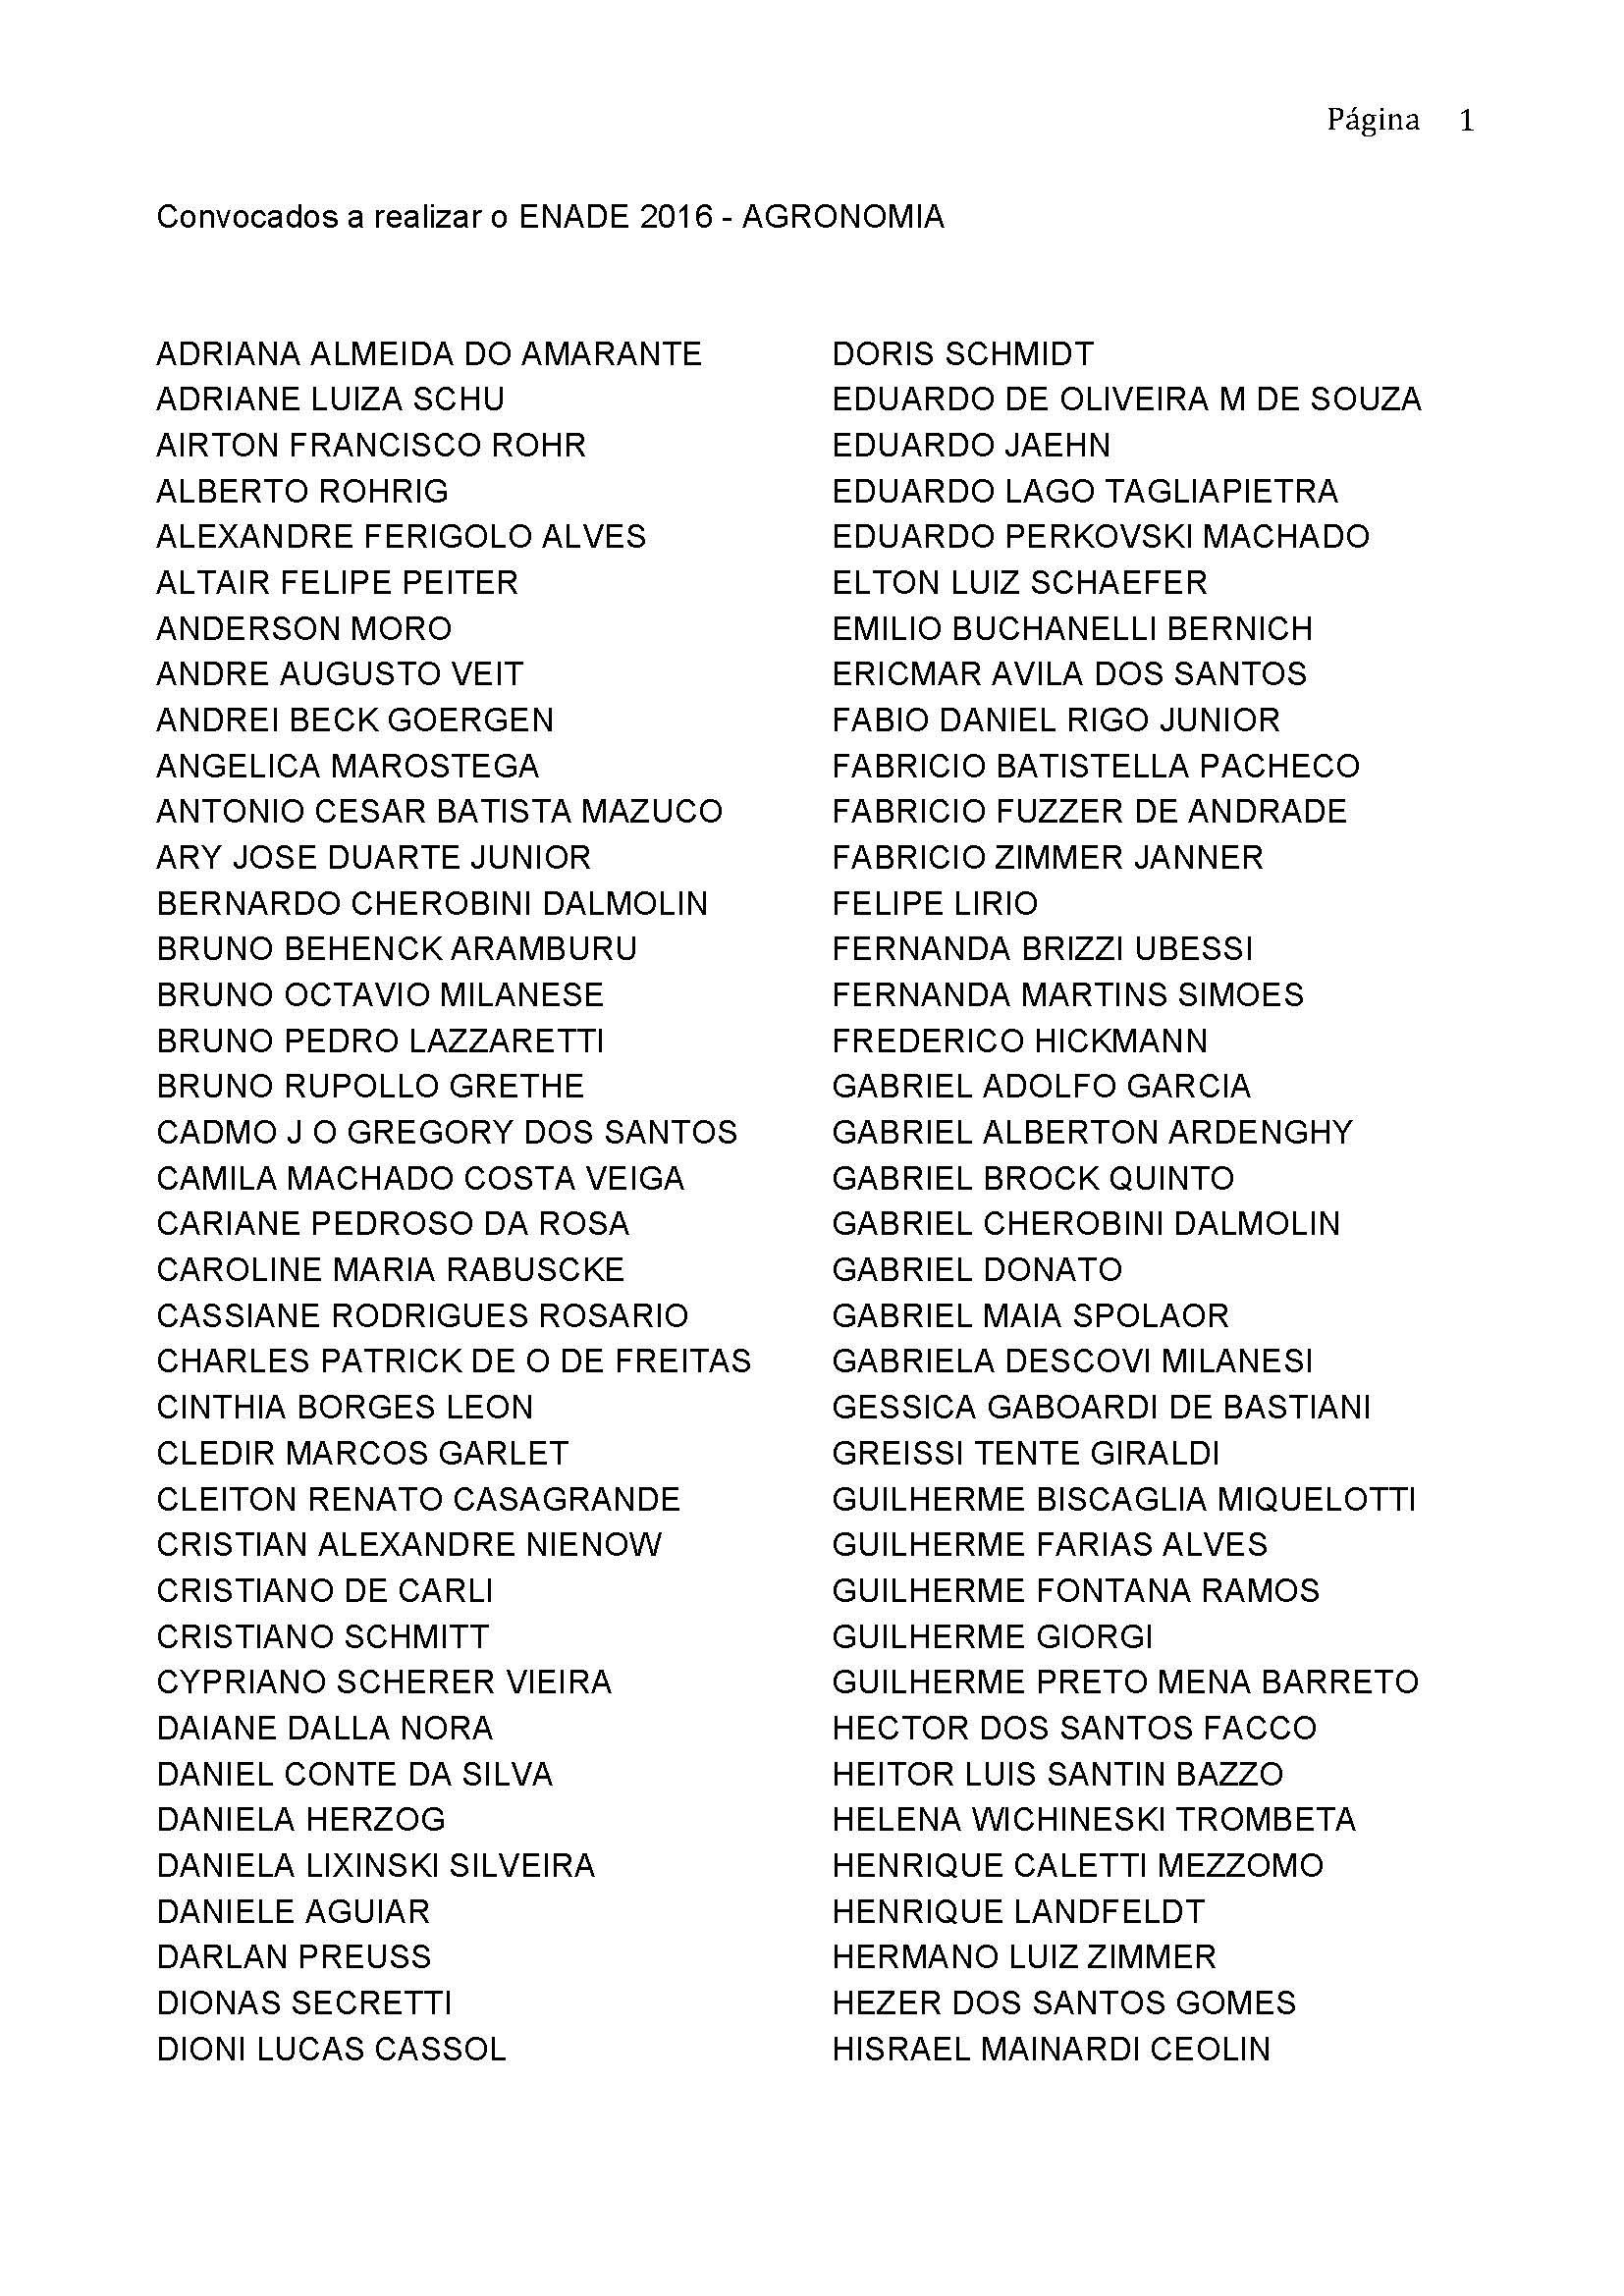 enade2016 selecionados enade Page 1